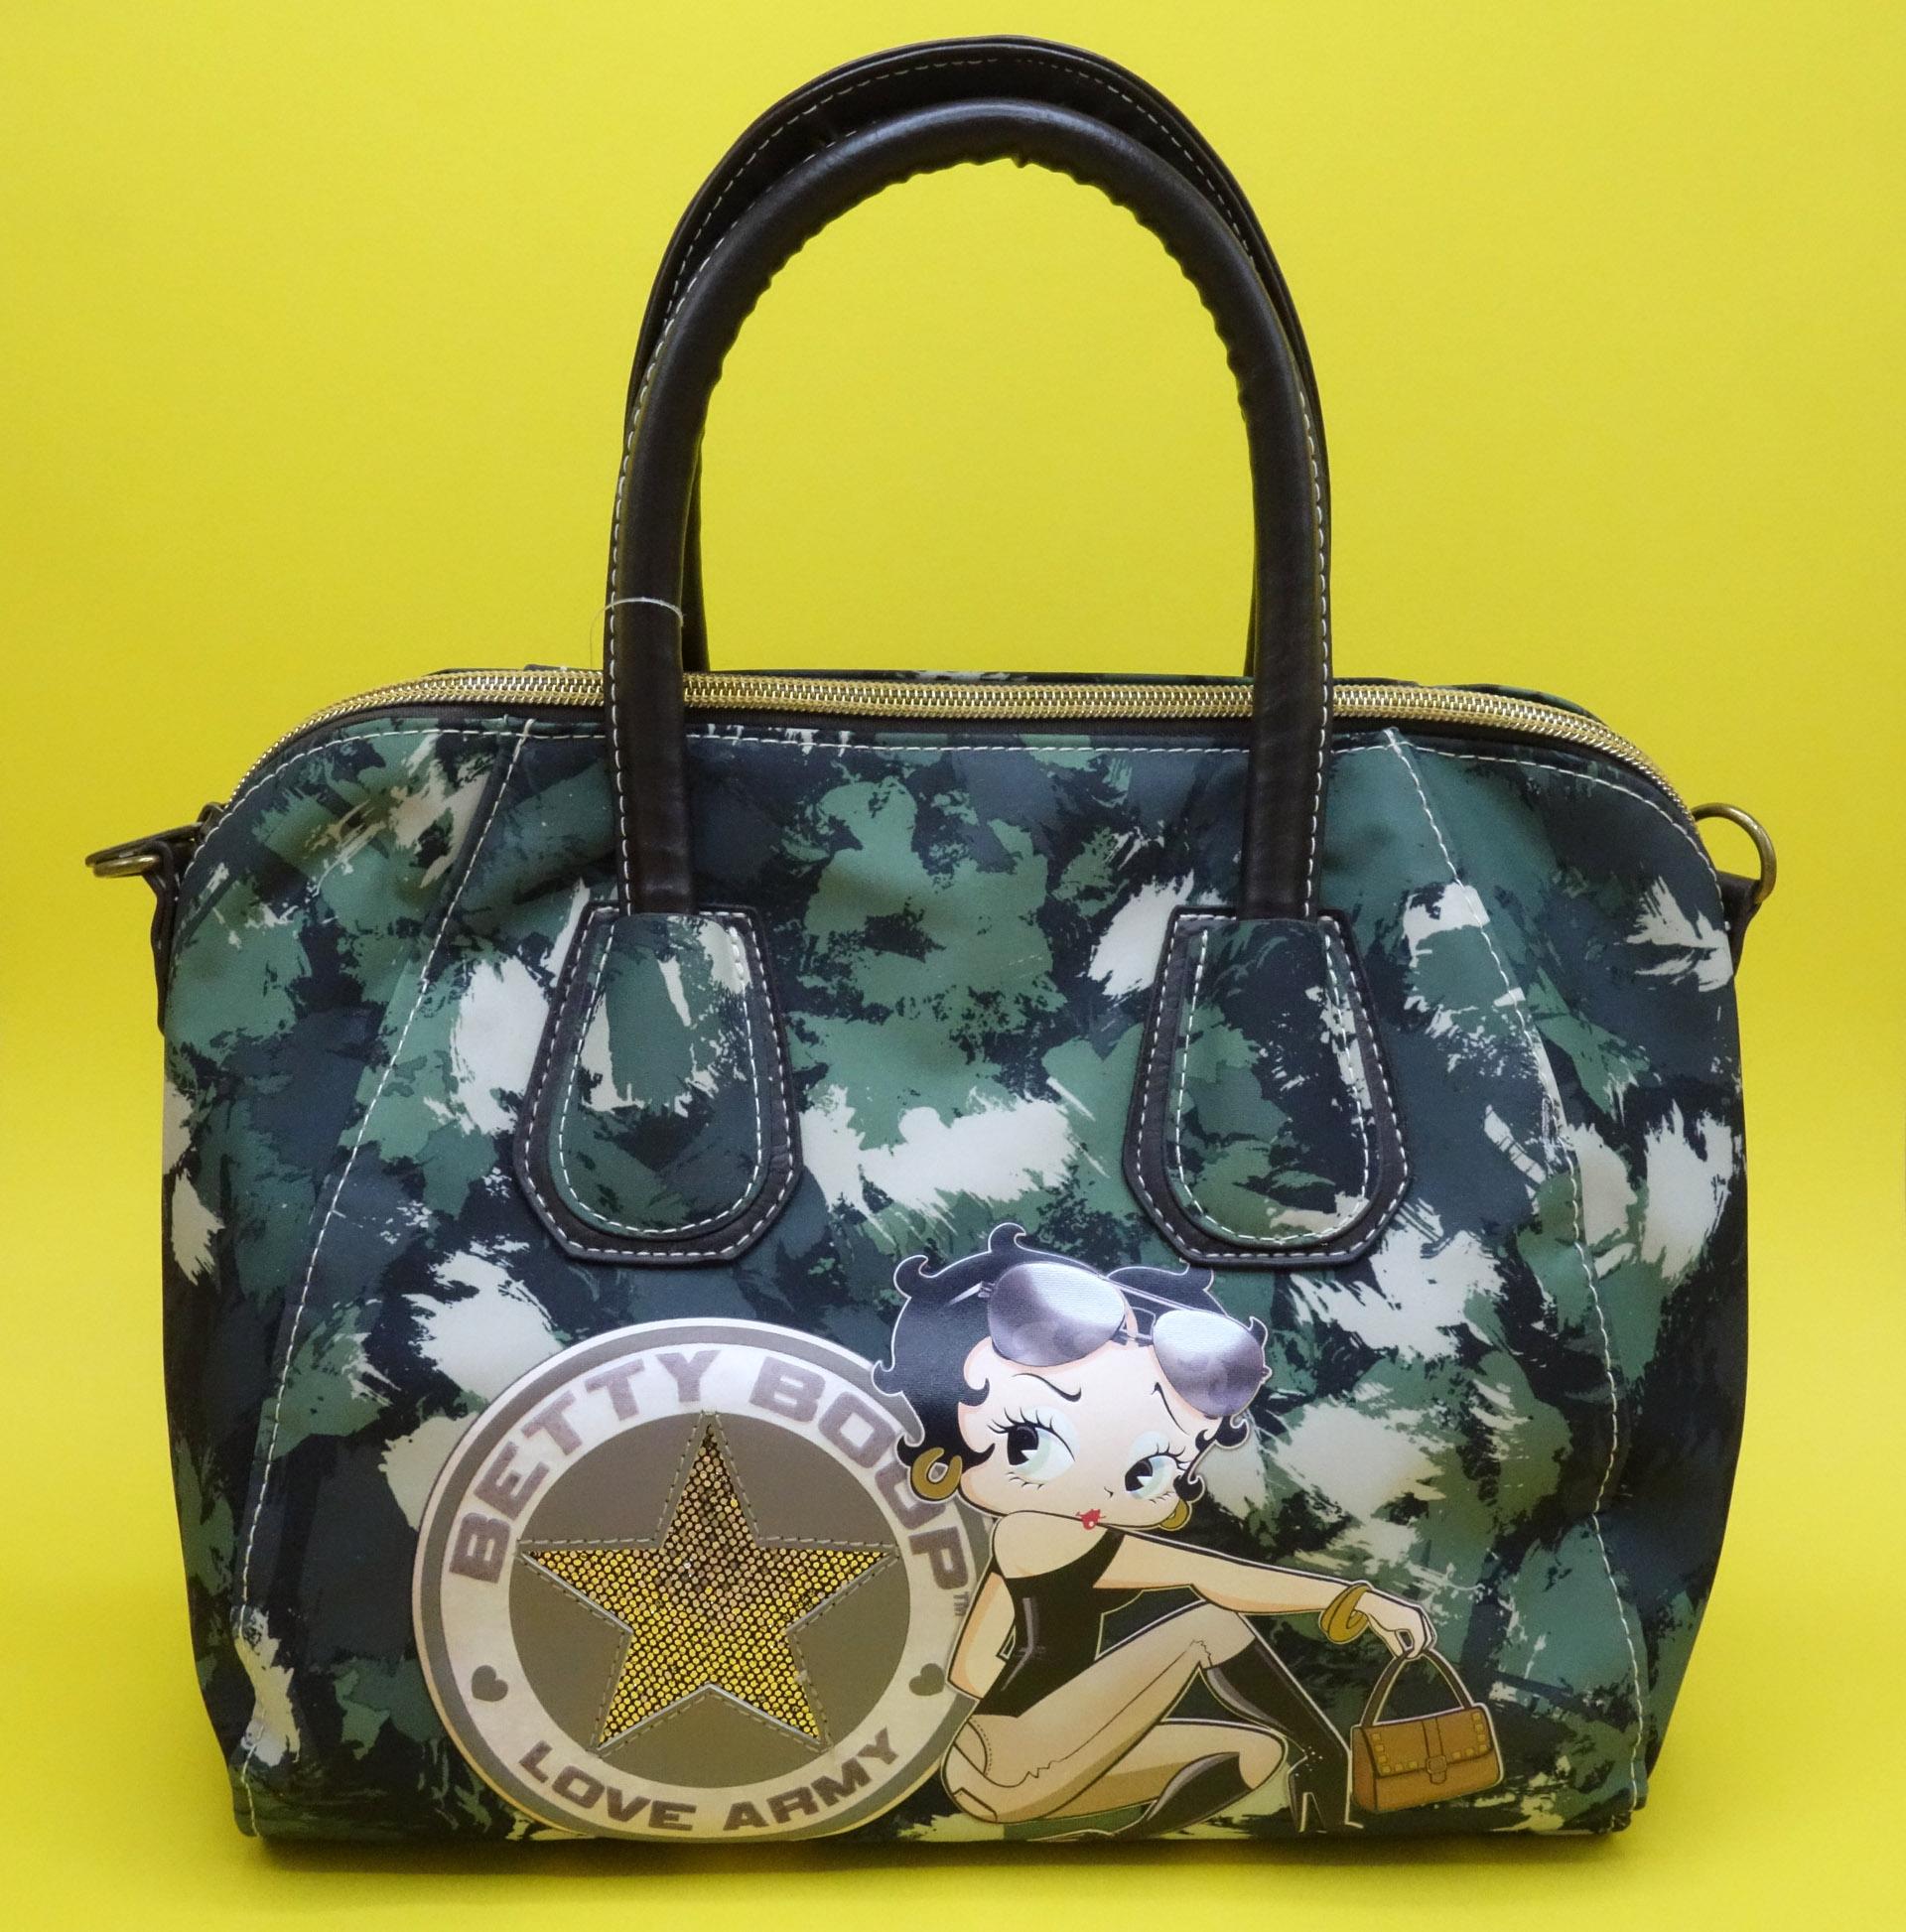 Betty Boop Tasche Love Army